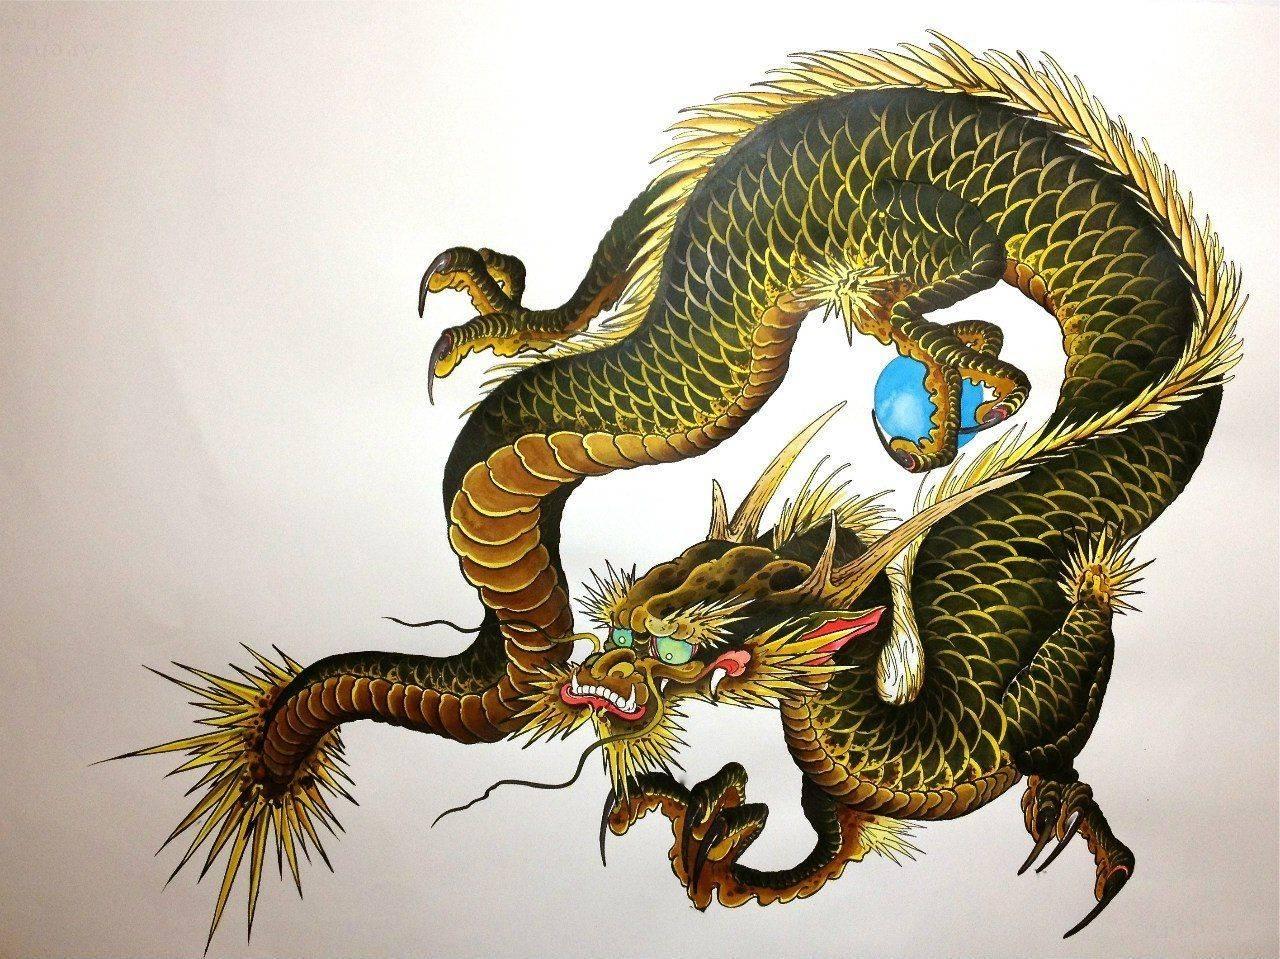 Тату дракон: на плече, мужские, эскиз, значение, на руке, для девушек, на спине, фото